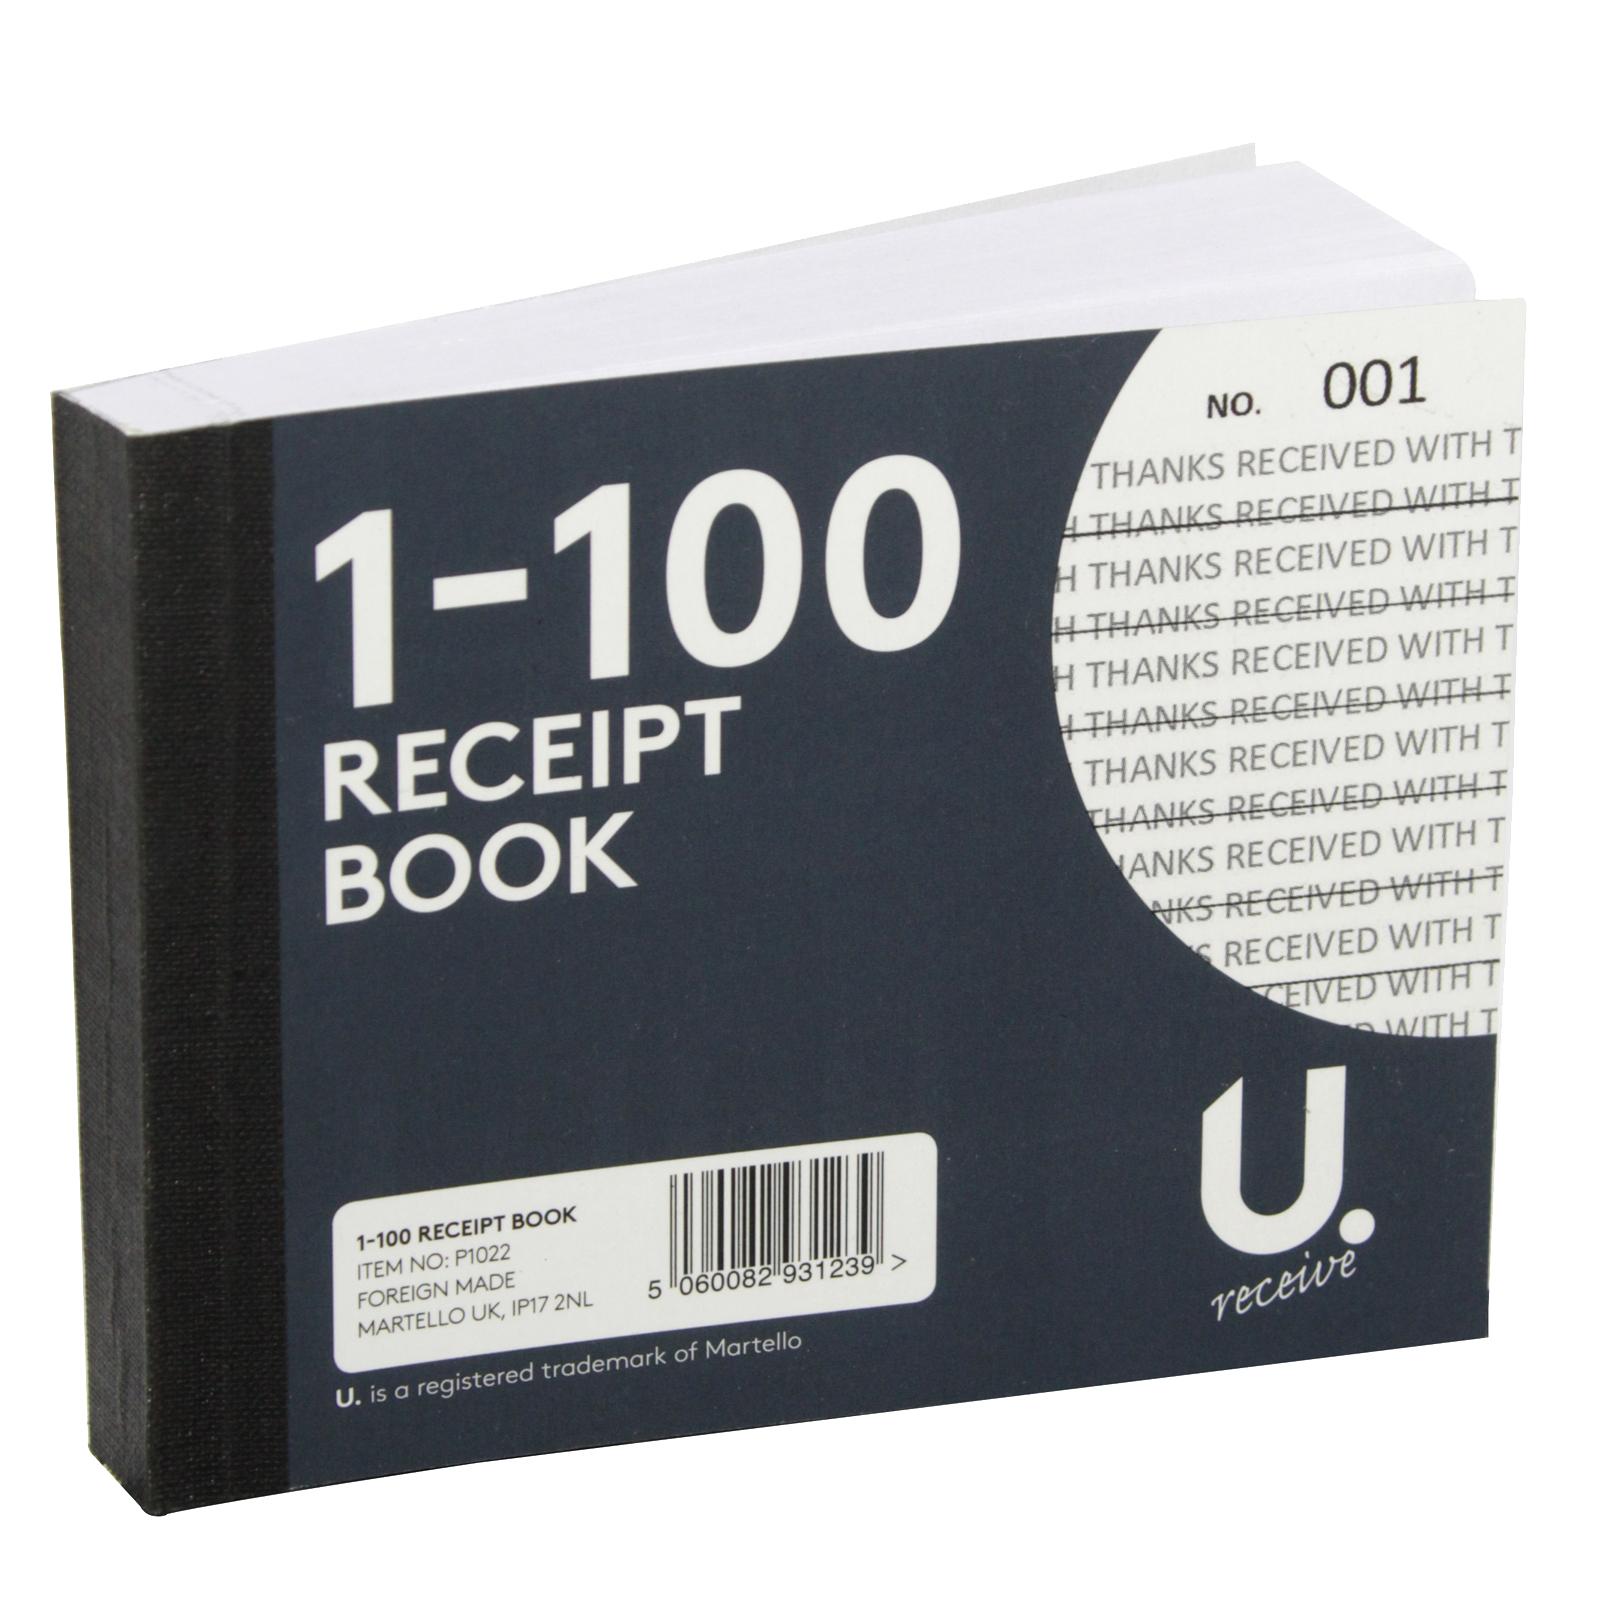 PENNINE RECEIPT BOOK 1-100 X12